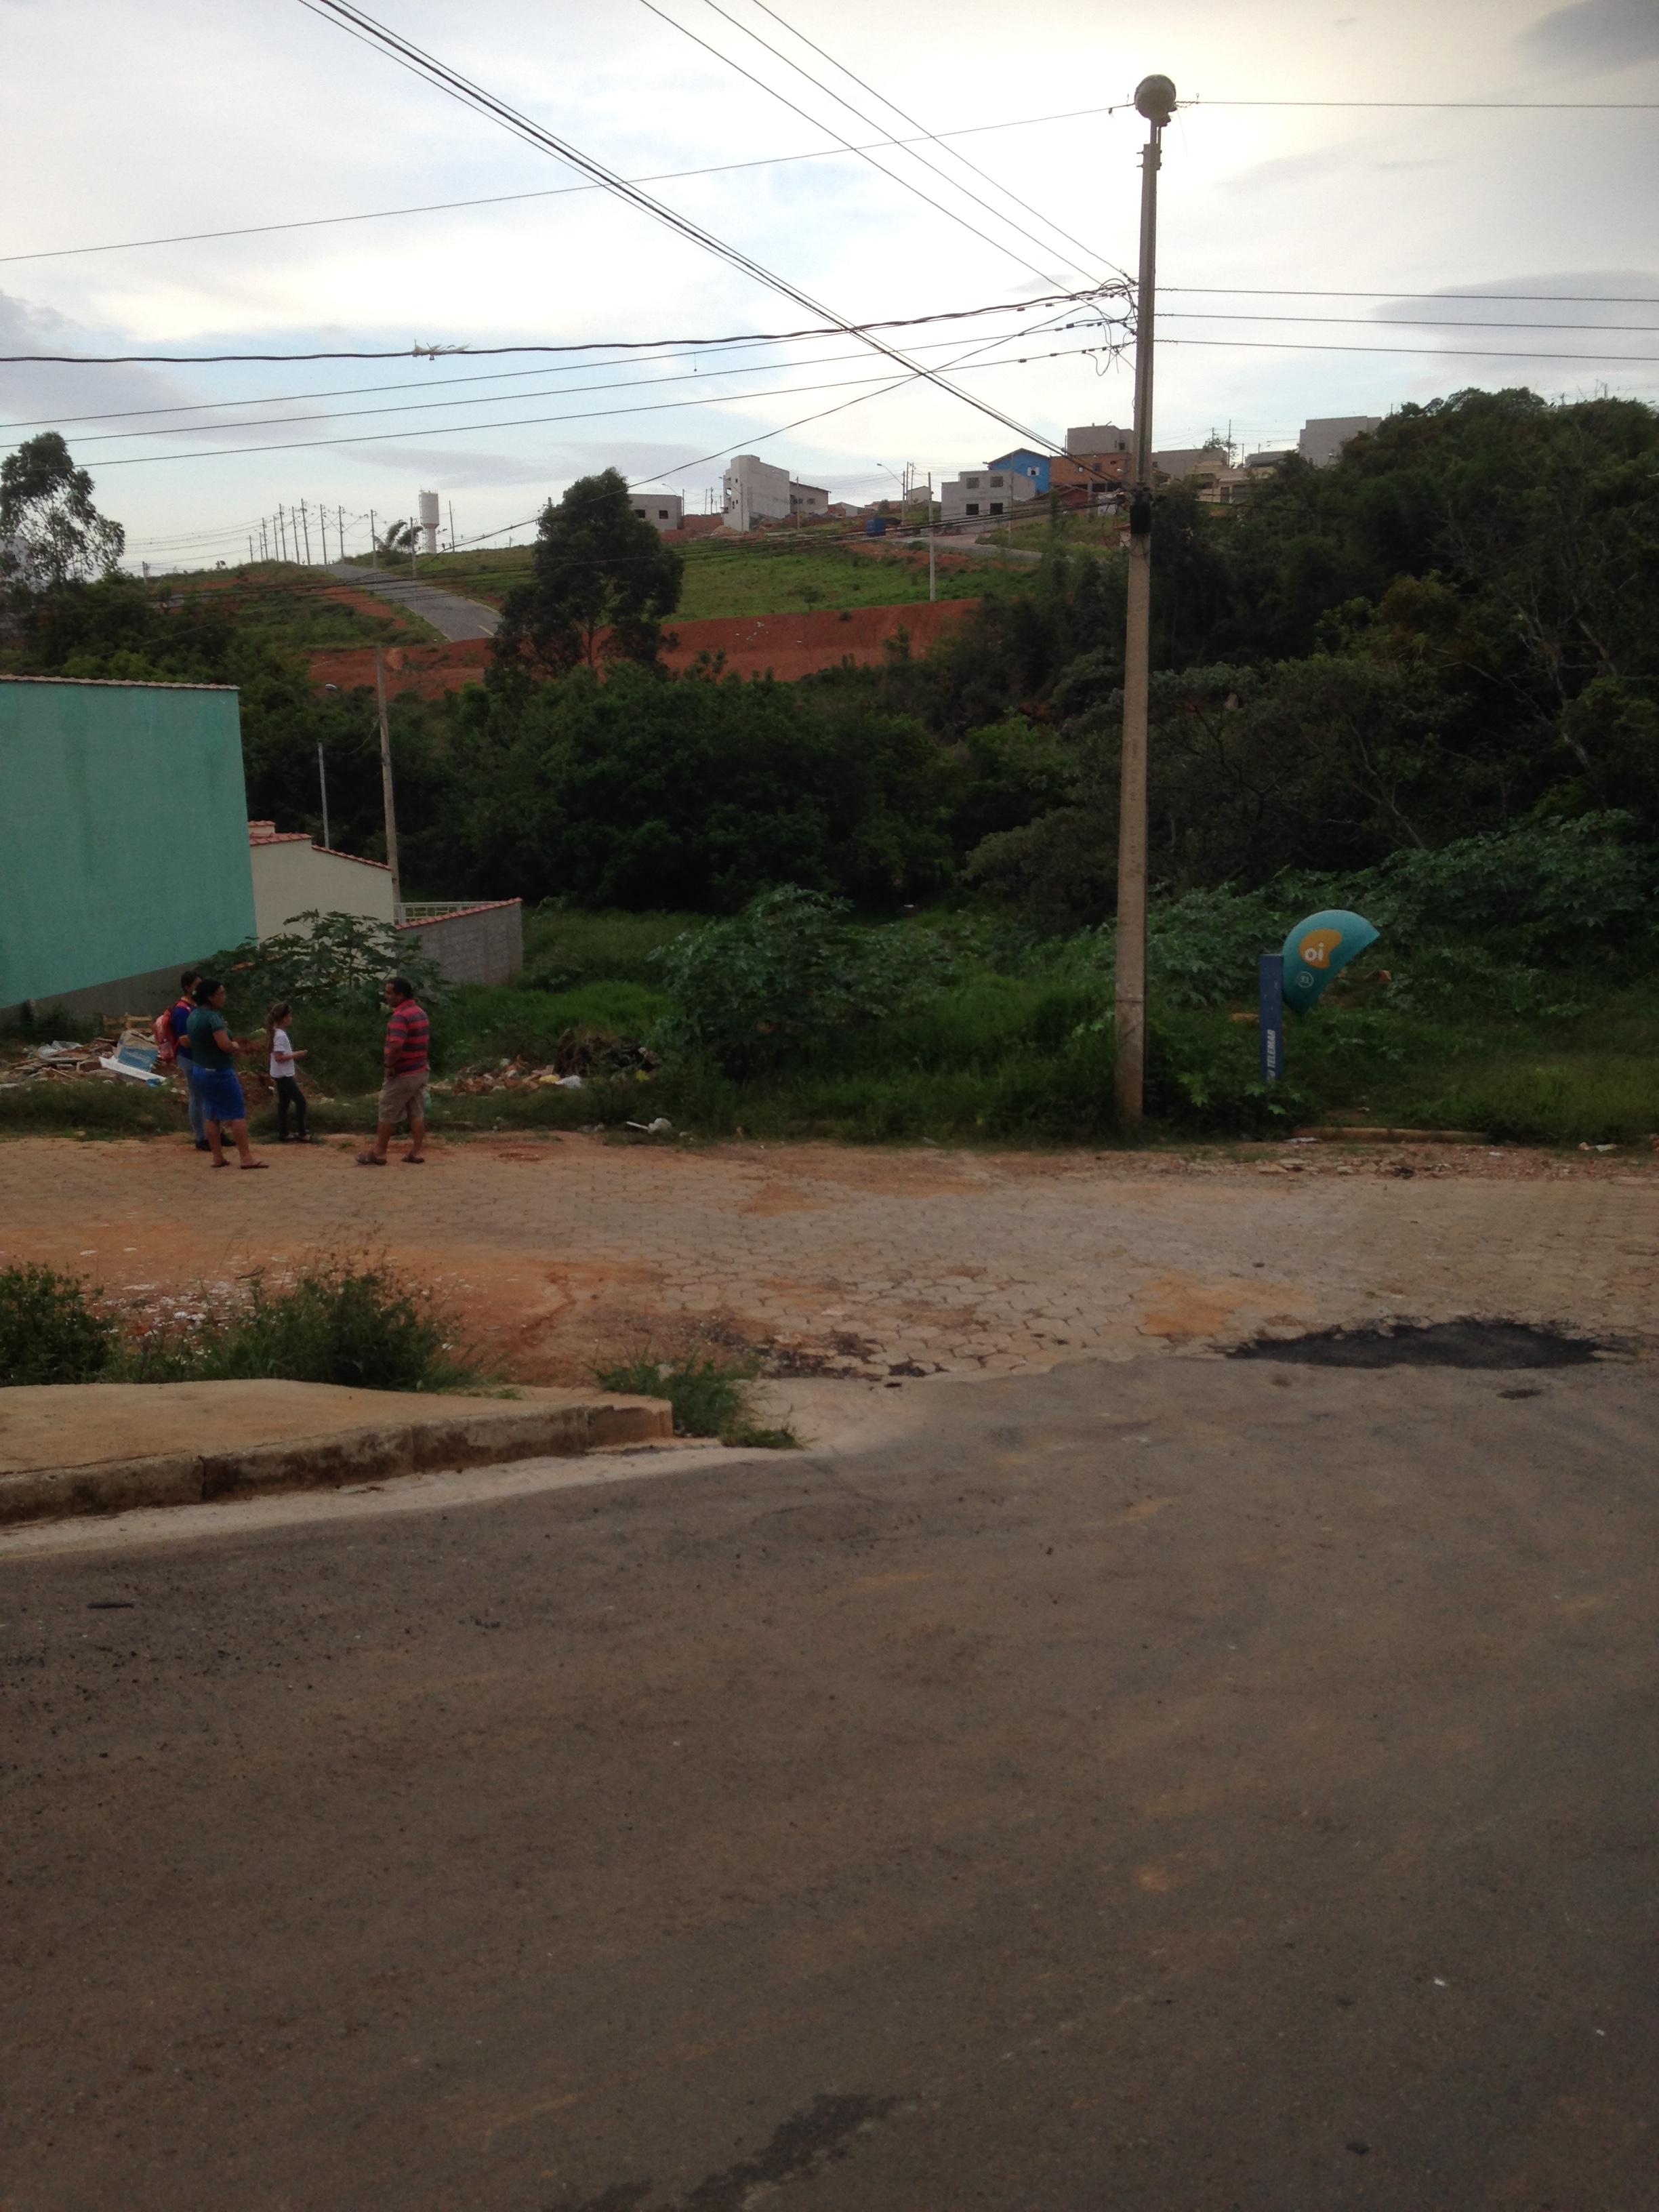 Esta rua no Colina deveria estra ligada àquela outra no Morumbi... Se a pobre prefeitura de Pouso Alegre tivesse dinheiro para isso! Foi nesta passagm que dona F. encontrou-se com tarado às quatro da tarde...